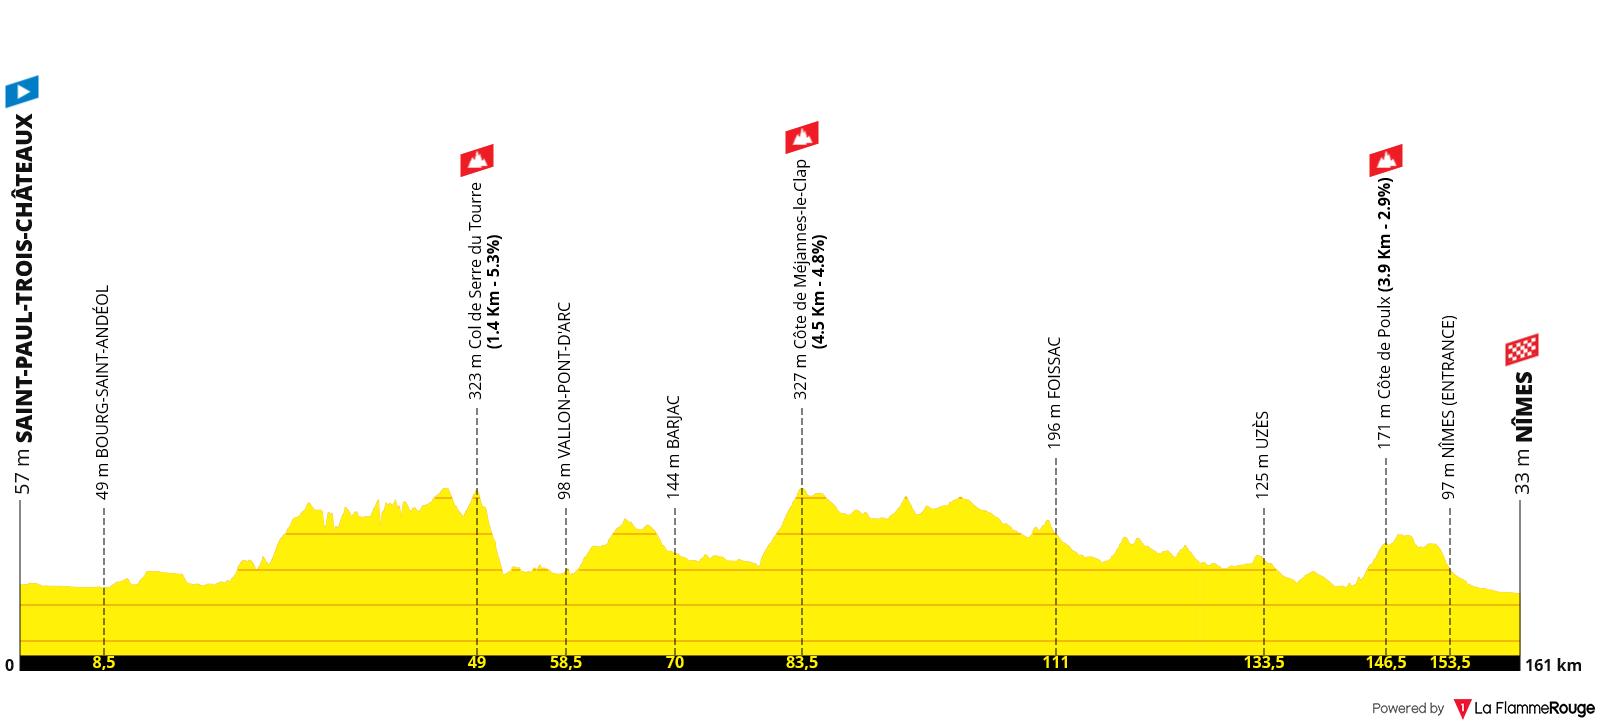 Etapa 12 - Tour de Francia 2021